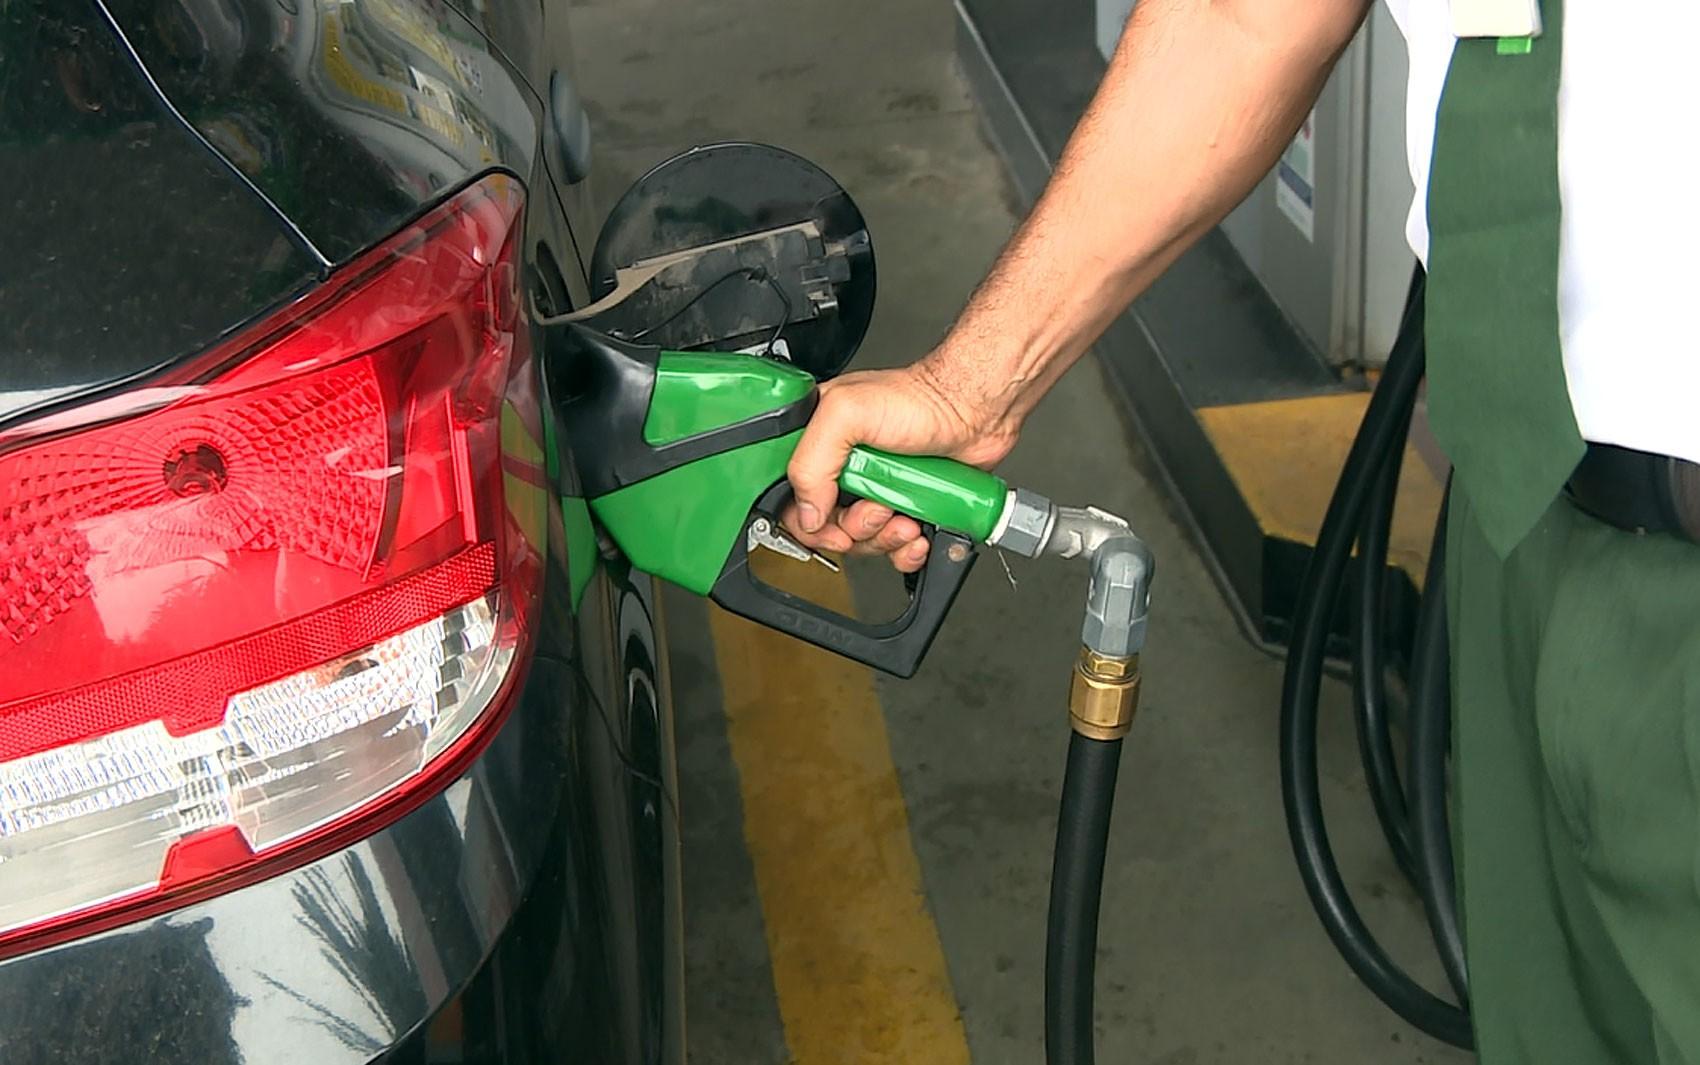 Postos da região de Campinas têm aumento médio de R$ 0,10 no litro da gasolina; diesel chega a subir R$ 0,15 - Notícias - Plantão Diário